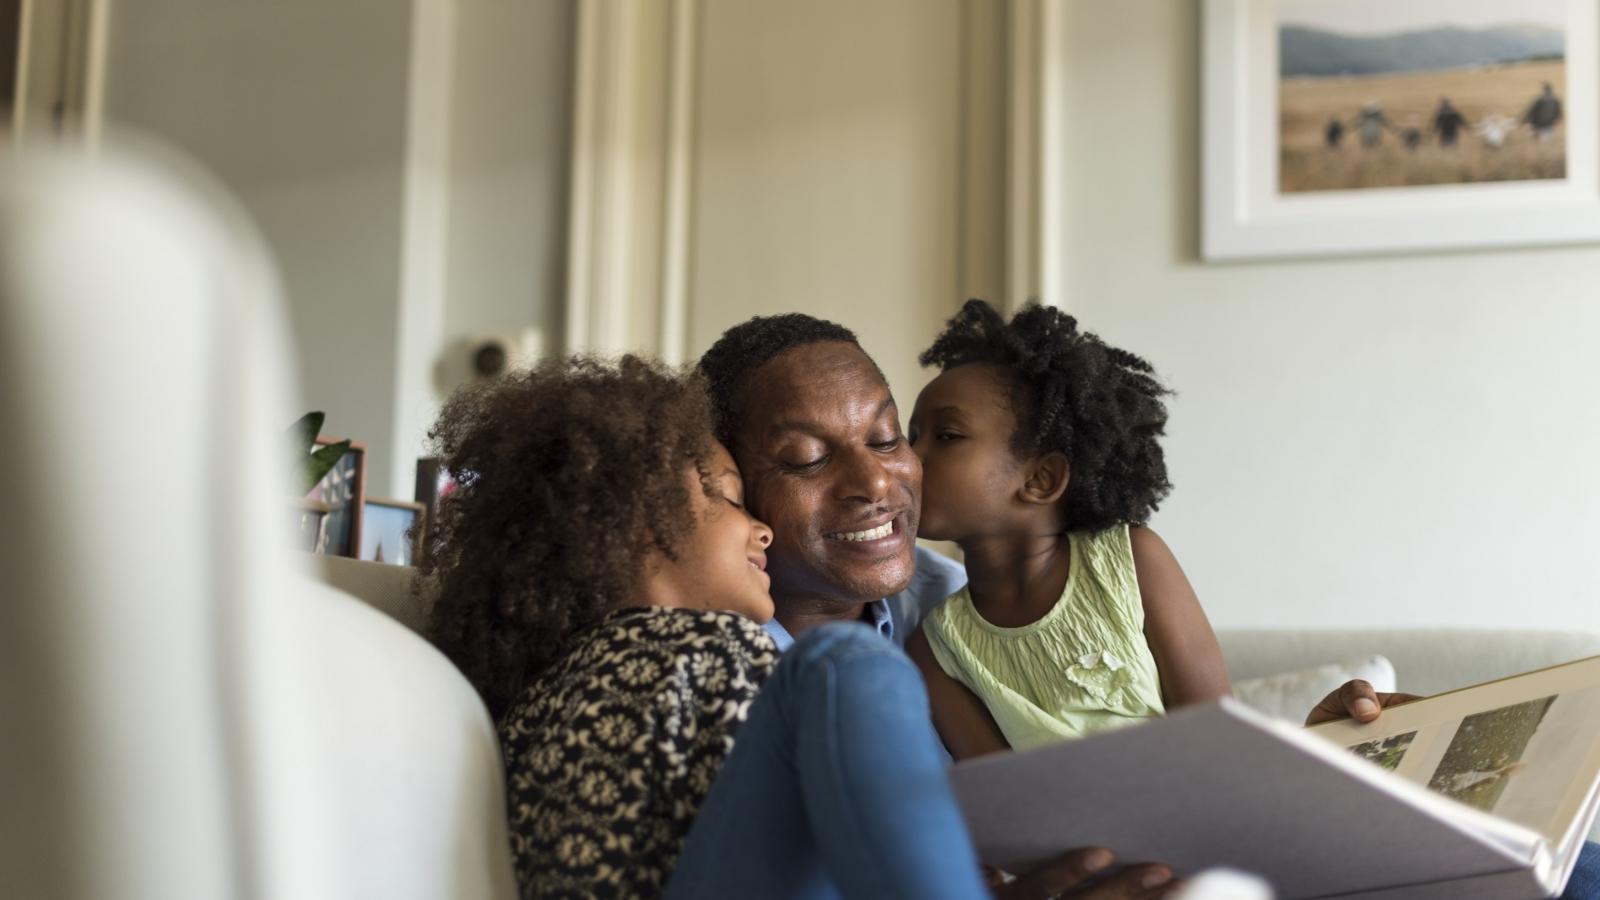 Cách giải quyết khi cặp đôi bất đồng quan điểm trong việc sinh con